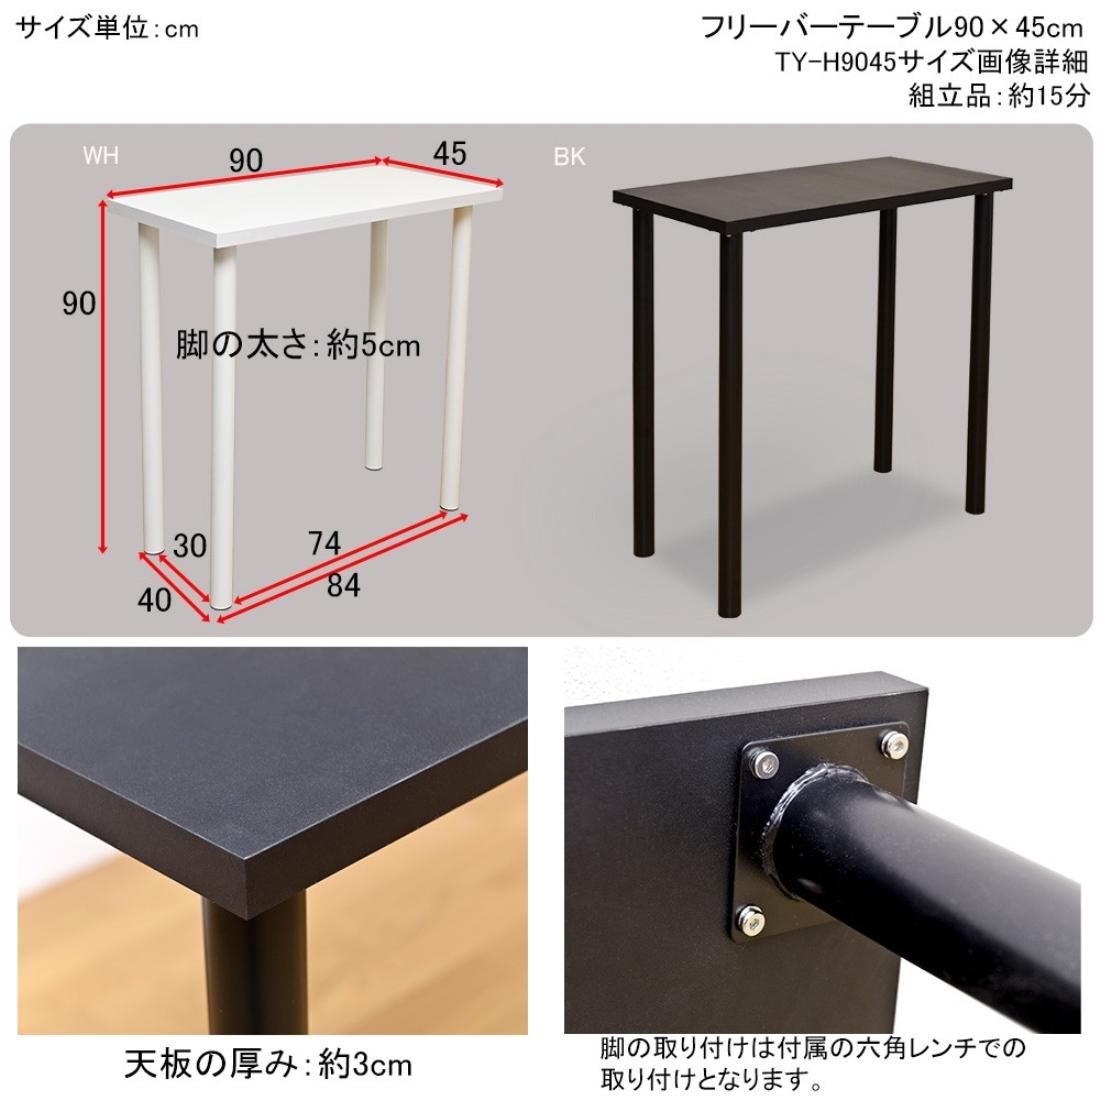 【送料無料】家具 机 テーブル フリーバーテーブル 90x45【離島・日時指定不可】